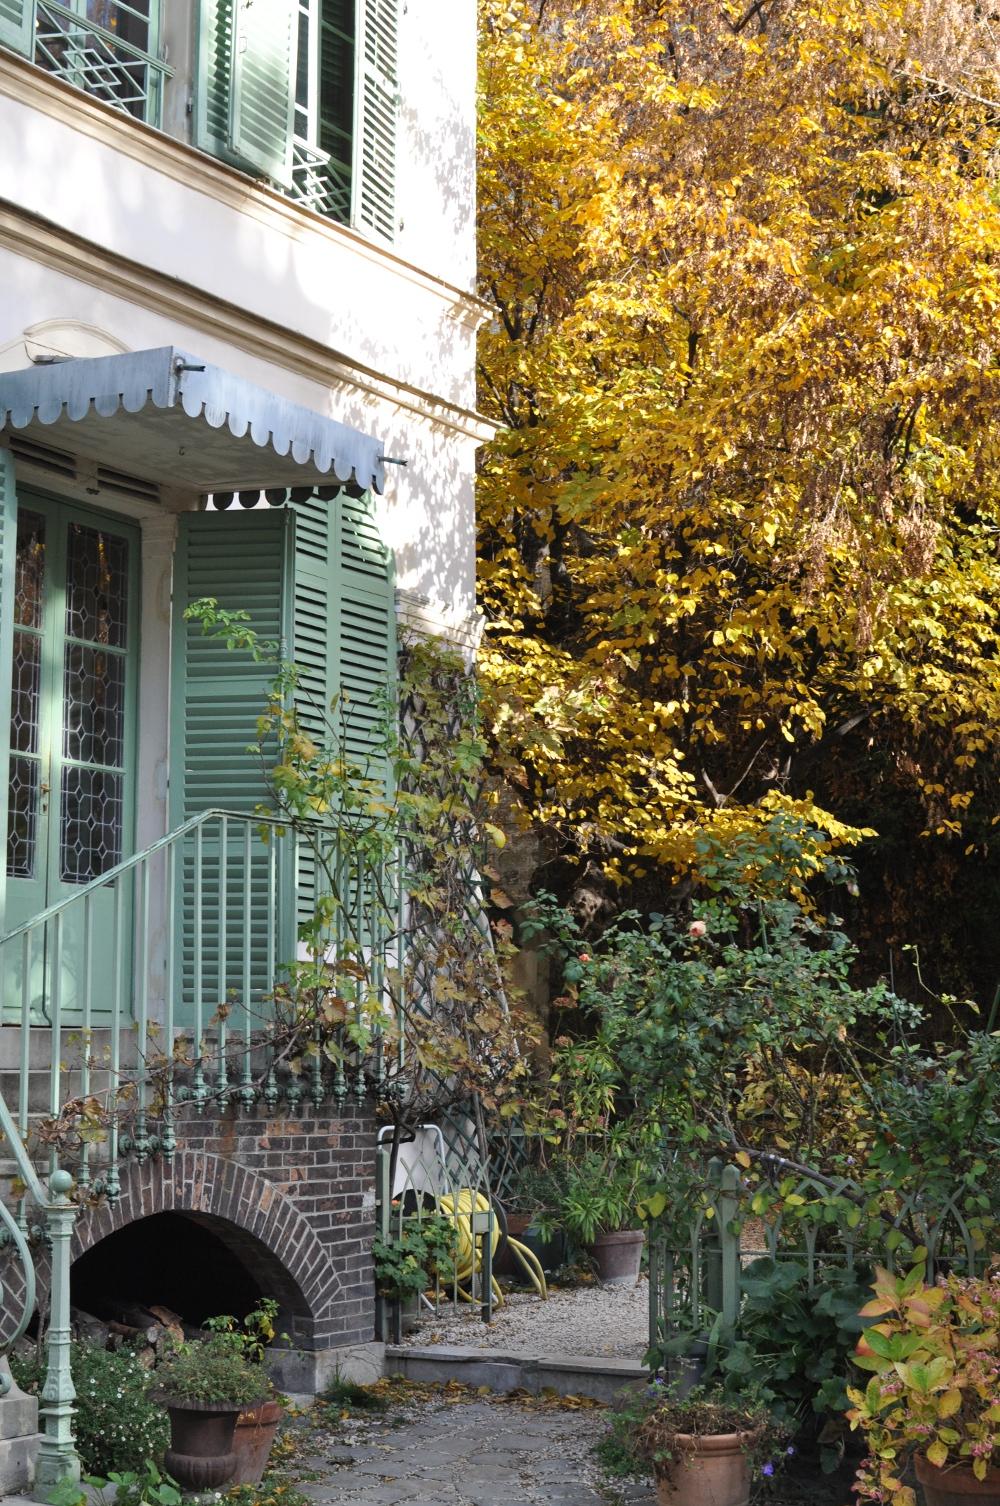 rocaille-blog-paris-november-musee-vie-romantique (9)